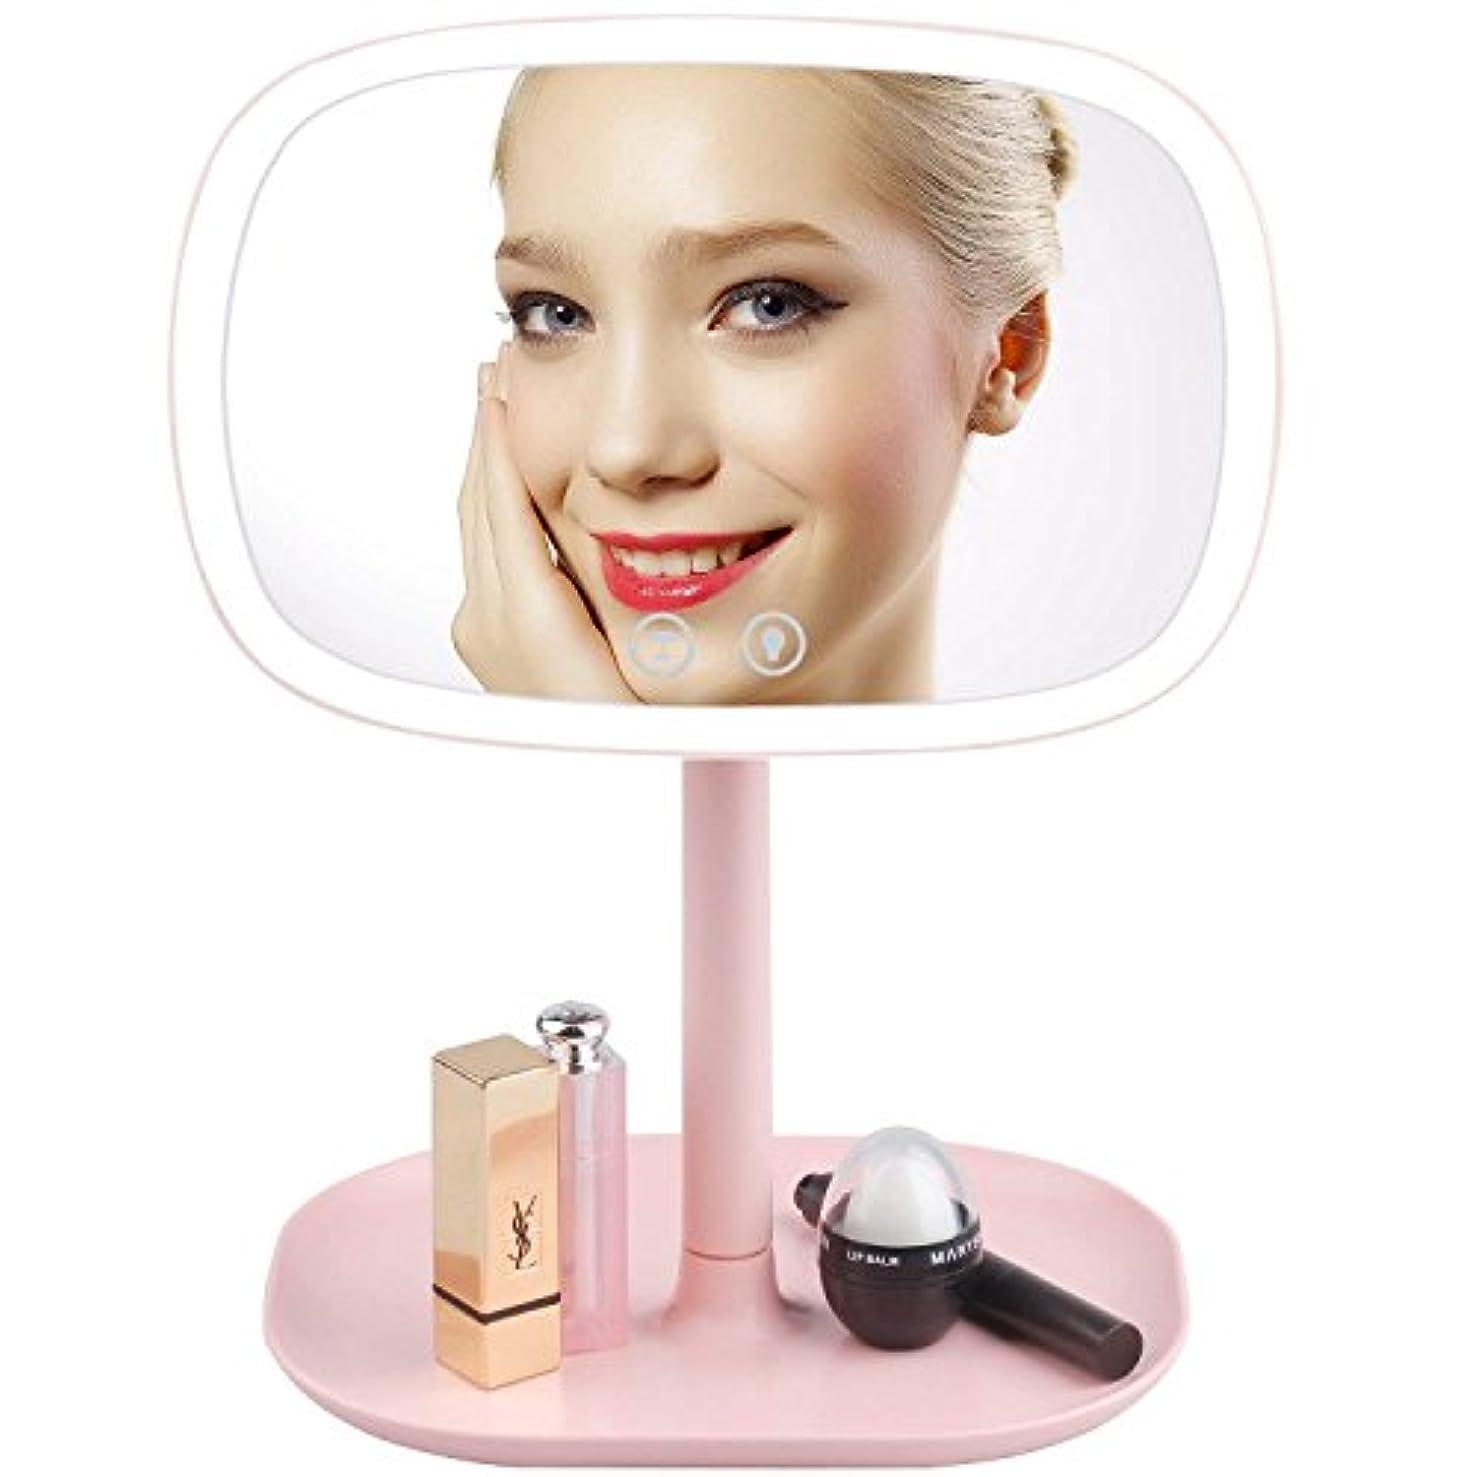 メンタリティ意図するドラッグYoukiking 化粧鏡 女優ミラー 卓上 テーブルランプ LEDミラー 化粧照明 デスクライト 明るさや角度調整可 10倍拡大鏡付き 37個LEDライト付き 小物収納台座搭載 (ピンク)